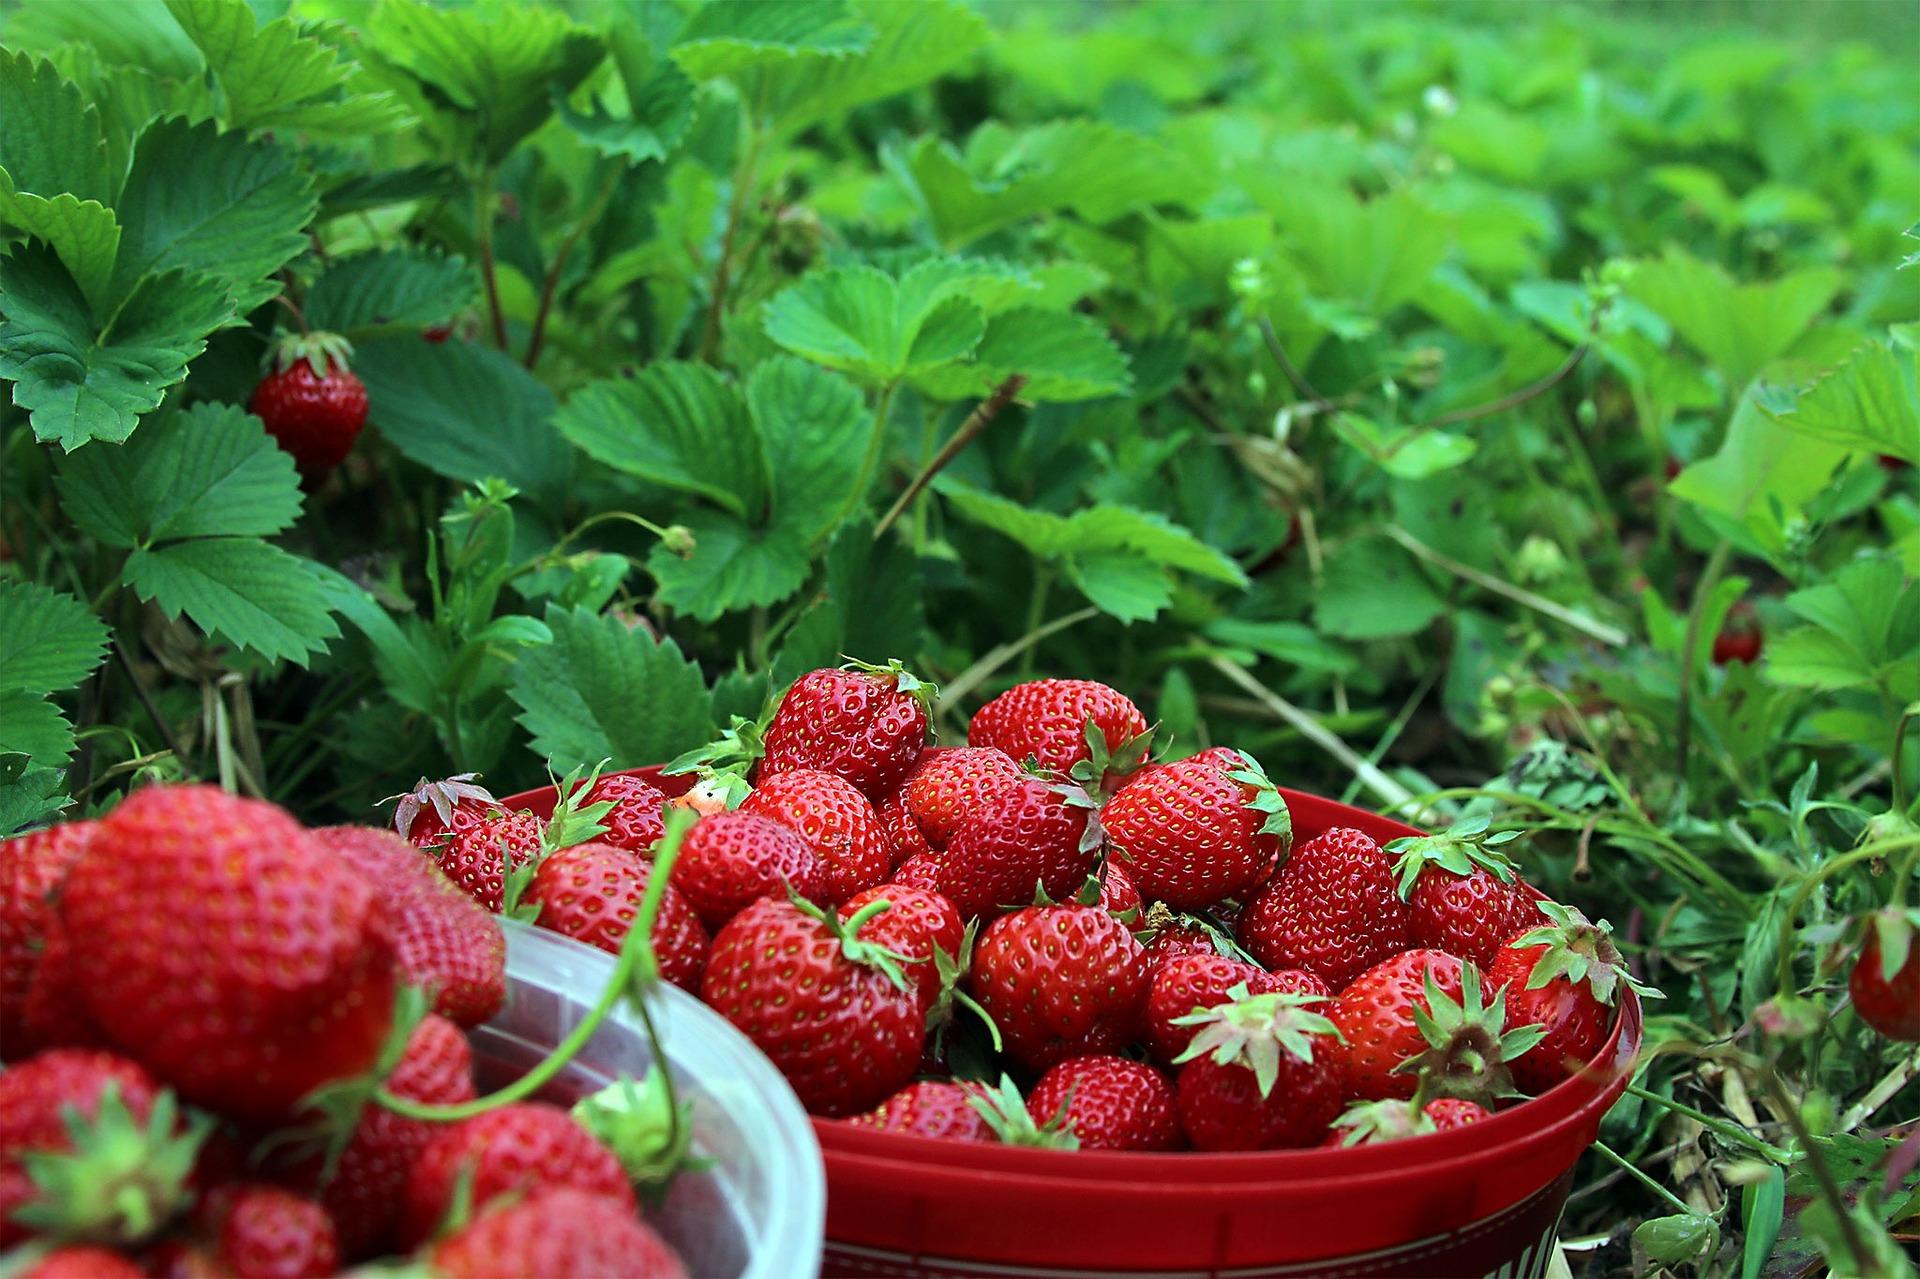 strawberries-1467902_1920